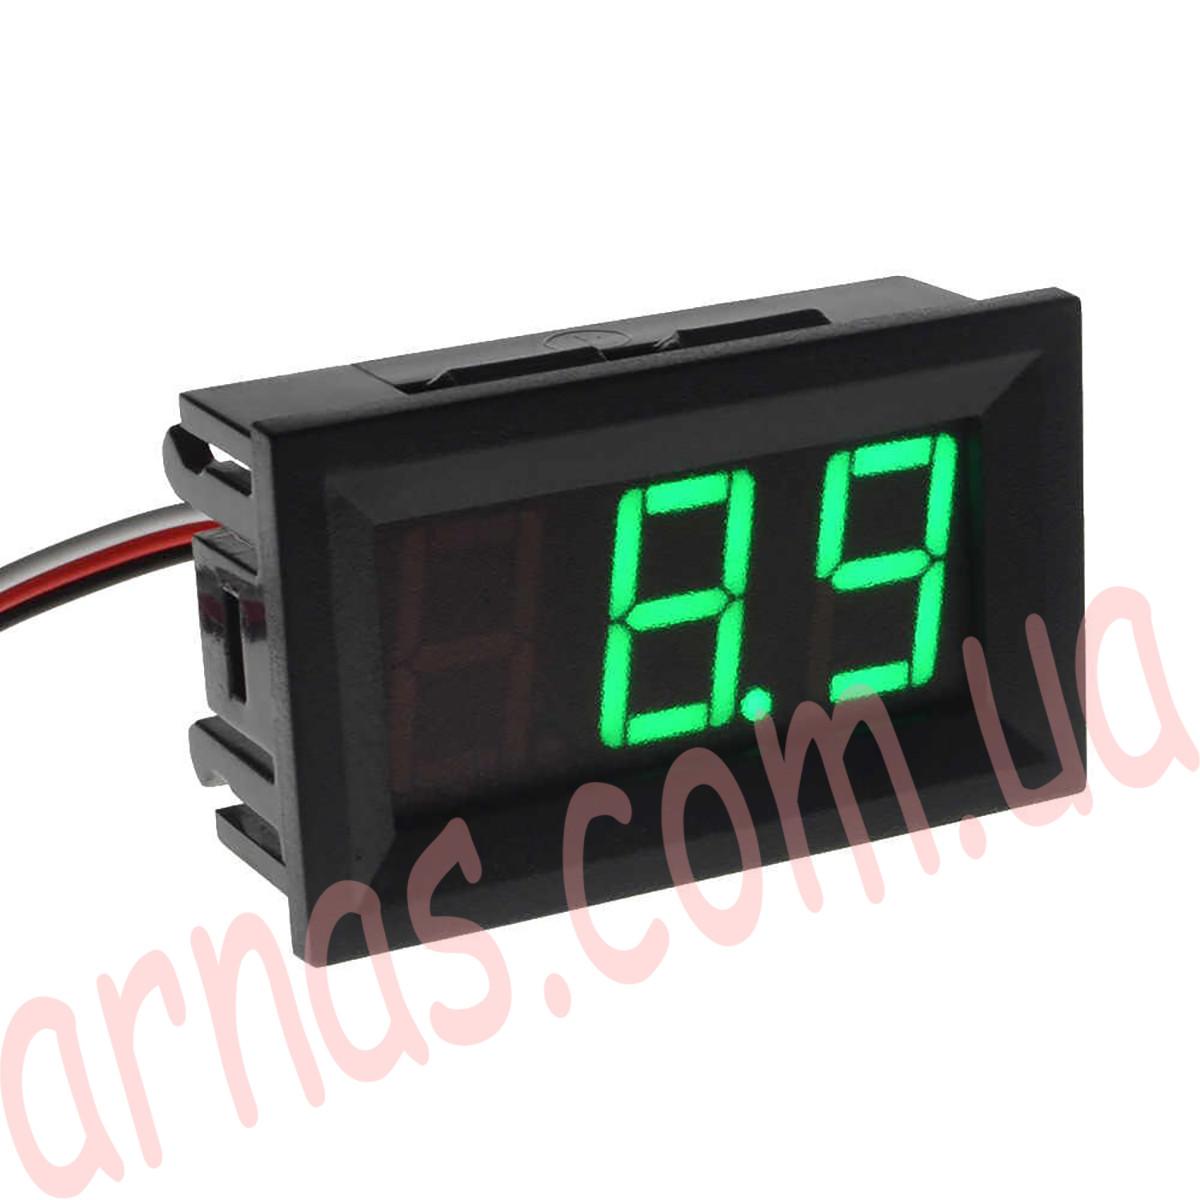 Вольтметр 27014G цифровой 4,5-30V встраиваемый (два провода) Зеленый